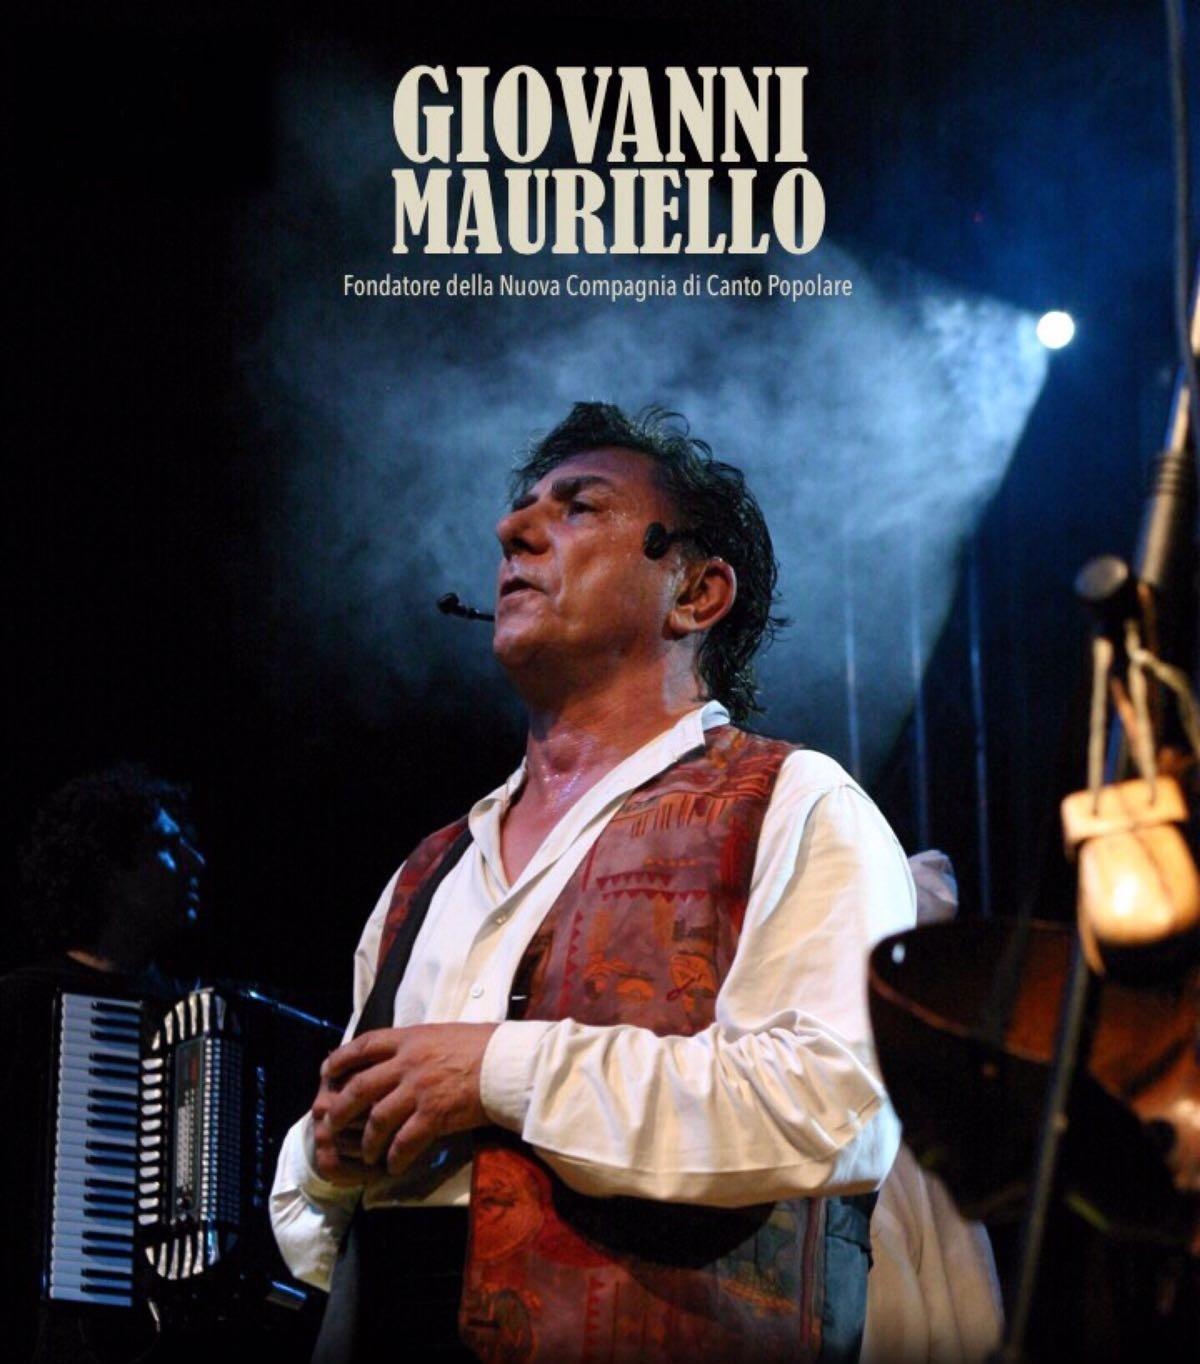 Giovanni Mauriello